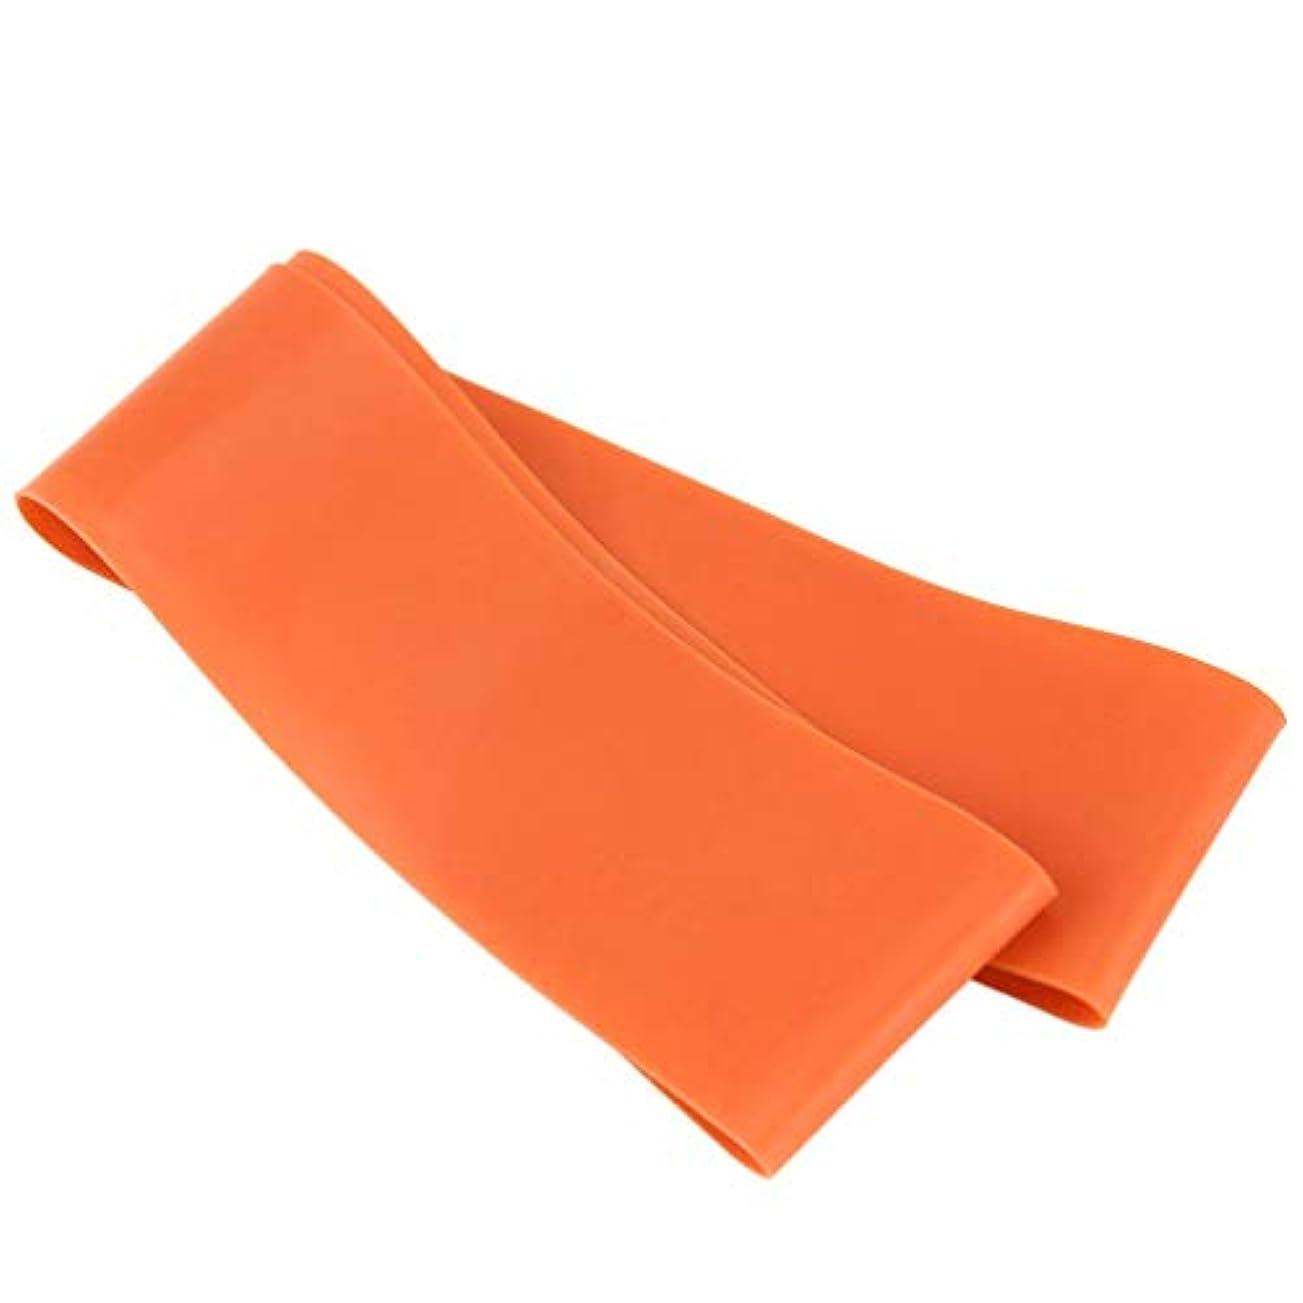 前提ウッズあたり滑り止めの伸縮性のあるゴム製伸縮性がある伸縮性があるヨガベルトバンド引きロープの張力抵抗バンドループ強度のためのフィットネスヨガツール - オレンジ